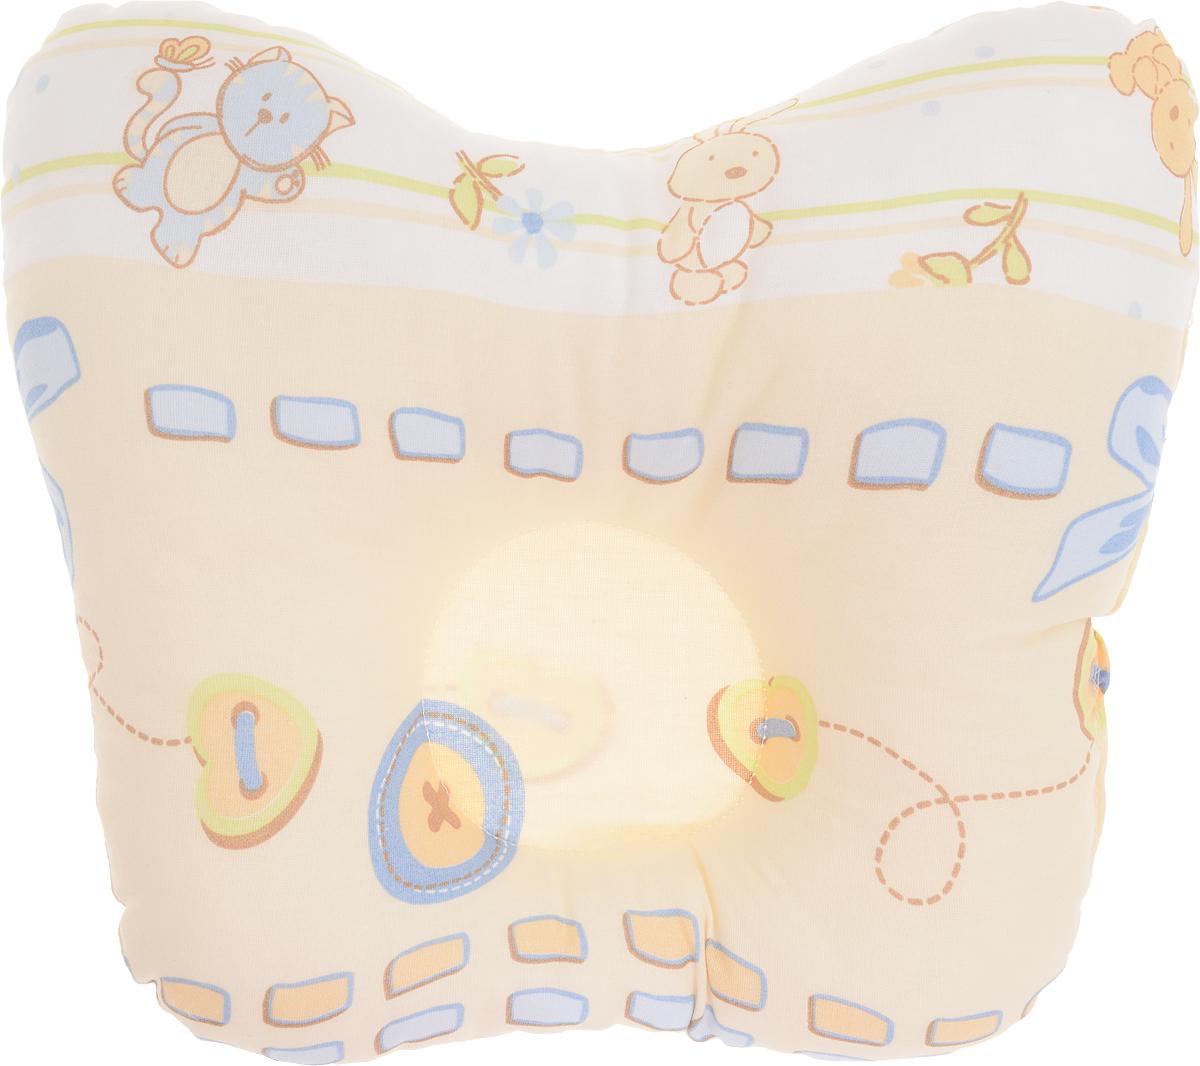 Сонный гномик Подушка анатомическая для младенцев Заяц и кот цвет желтый 27 х 25 смS03301004Анатомическая подушка для младенцев Сонный гномик Заяц и кот компактна и удобна для пеленания малыша и кормления на руках, она также незаменима для сна ребенка в кроватке и комфортна для использования в коляске на прогулке. Углубление в подушке фиксирует правильное положение головы ребенка.Подушка помогает правильному формированию шейного отдела позвоночника.